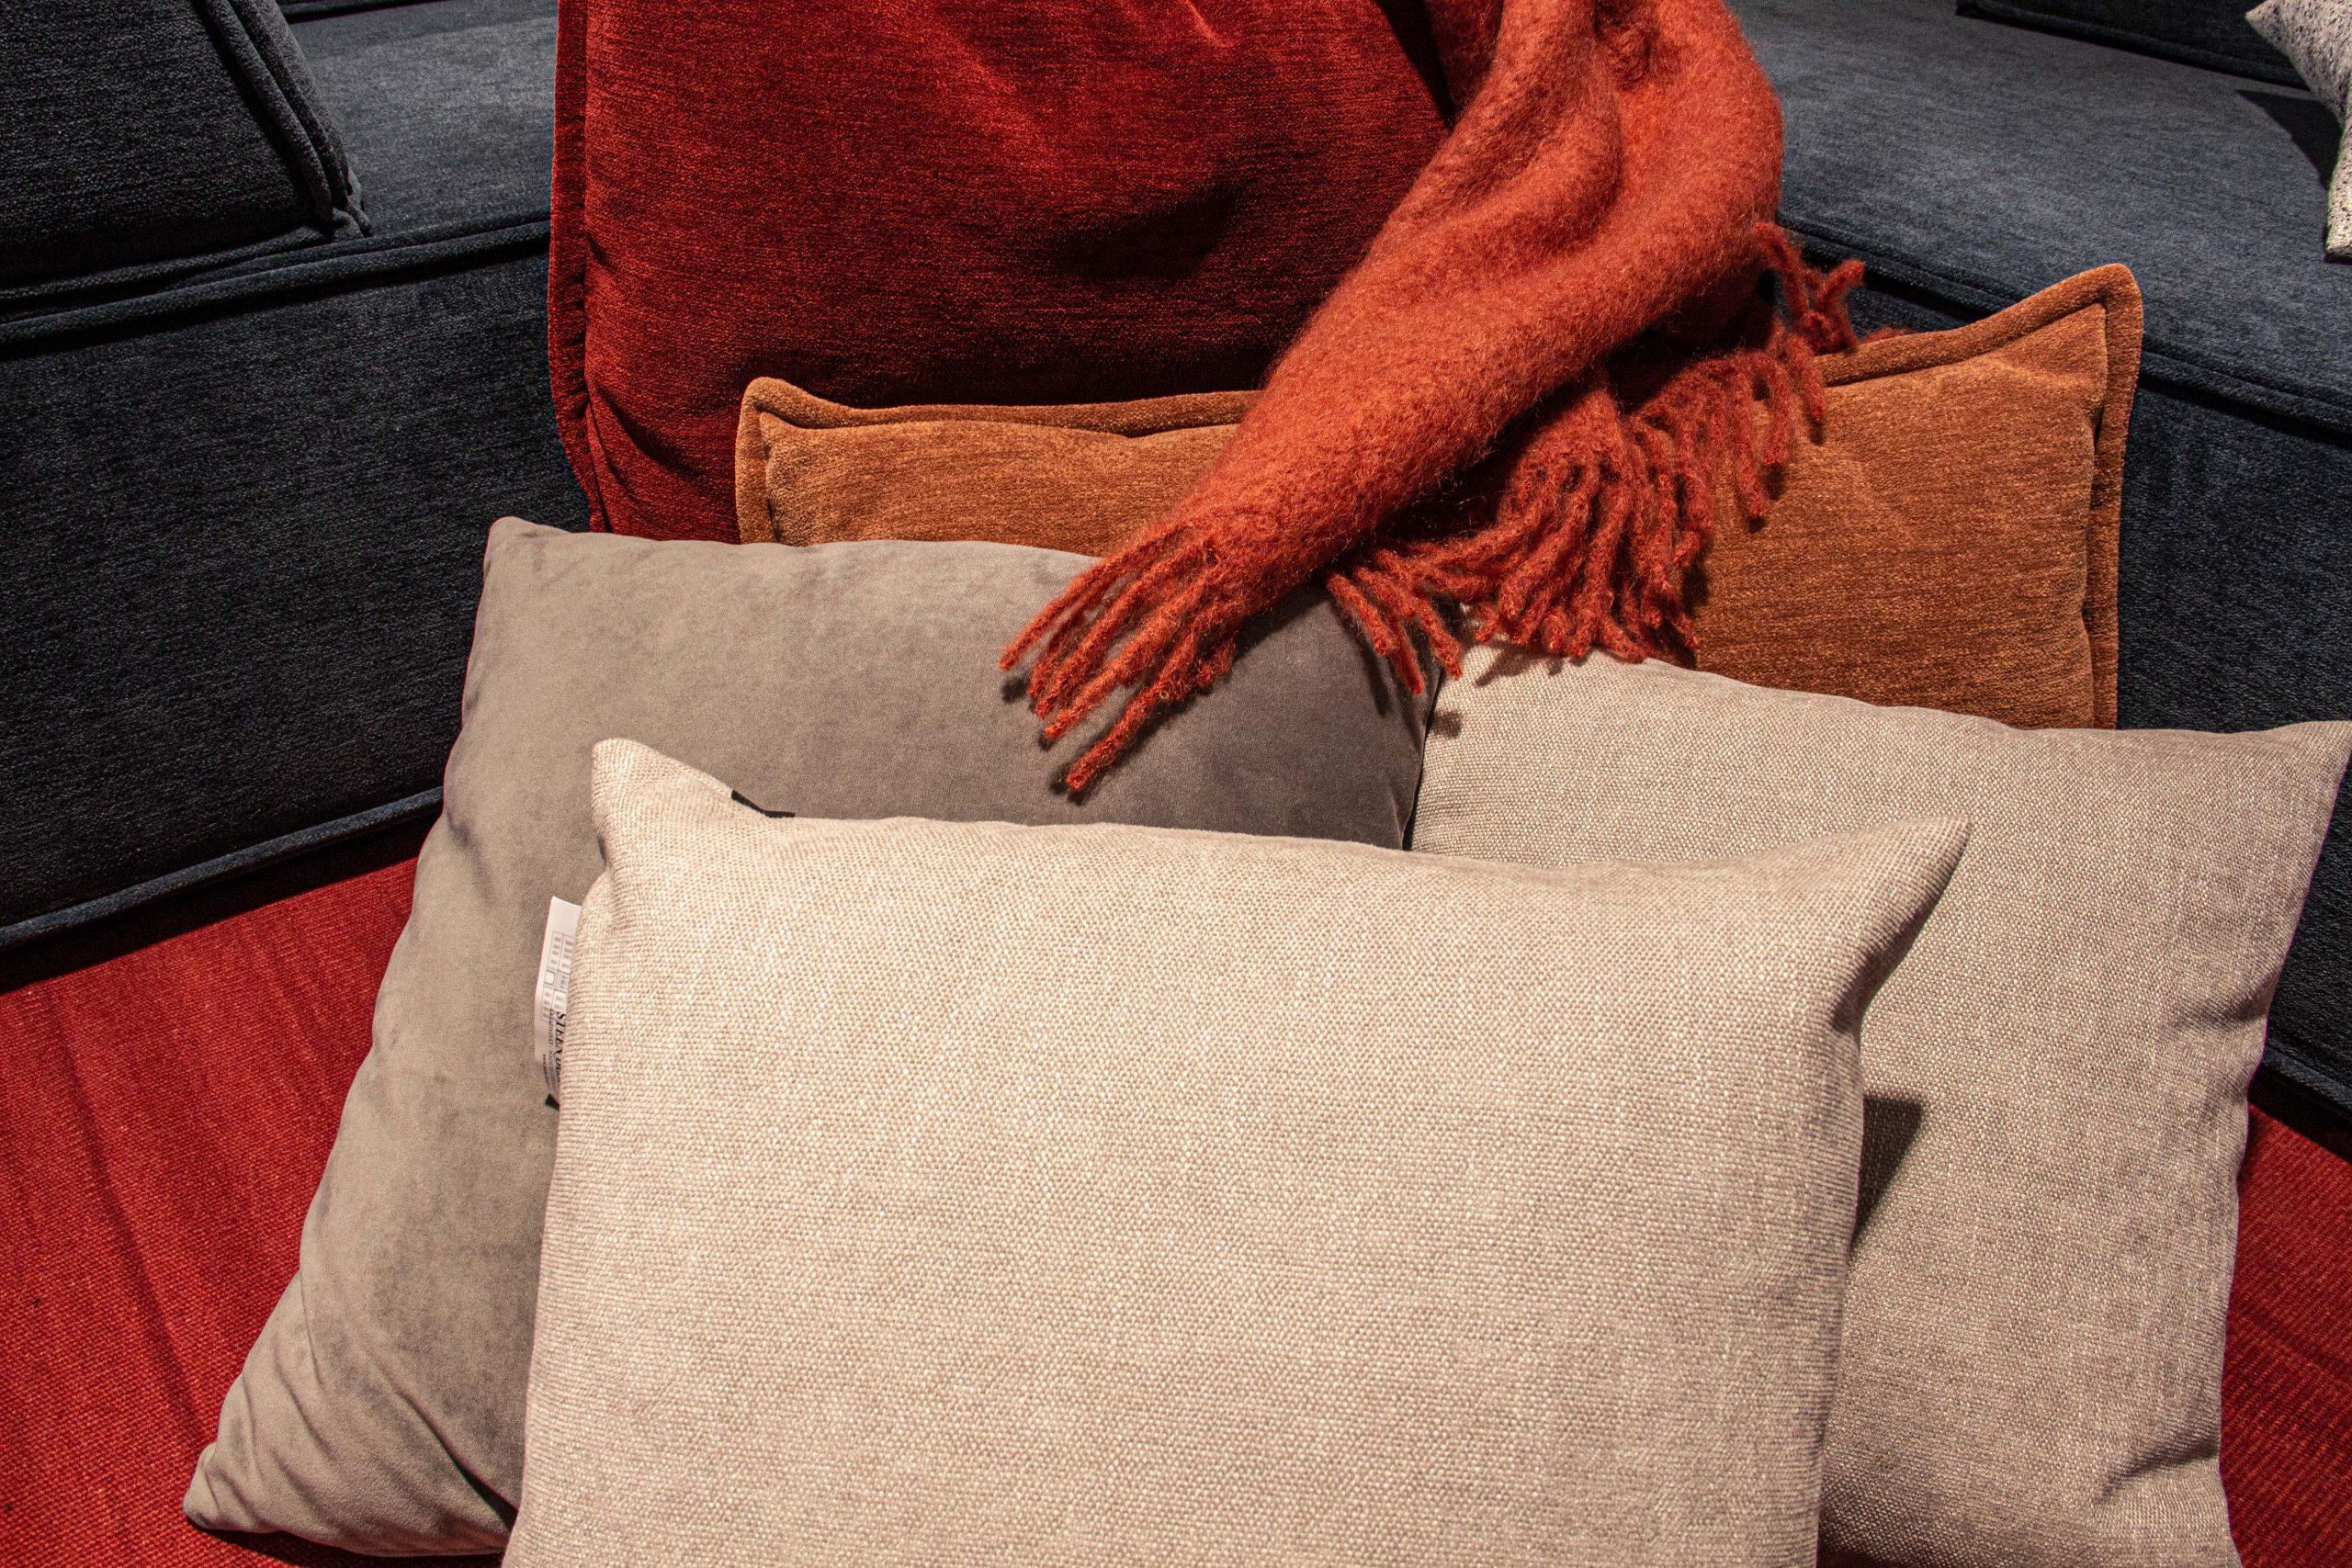 Möbel TAUSCH - einrichten - Kissen